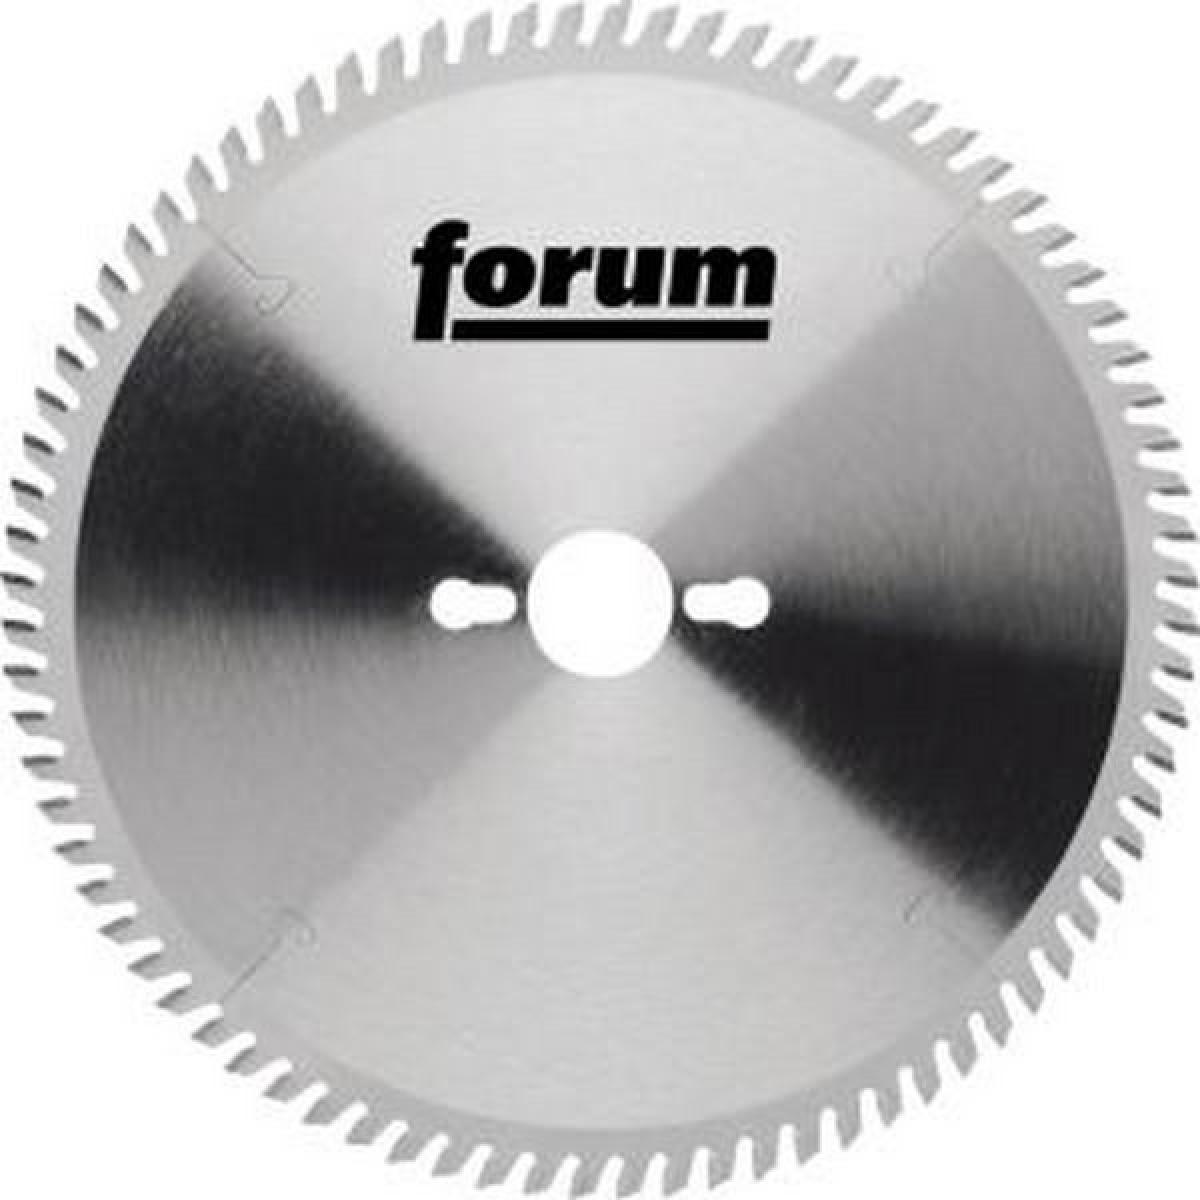 Forum Lame de scie circulaire, Ø : 300 mm, Larg. : 3,2 mm, Alésage 30 mm, Perçages secondaires : 2KNL*, Dents : 28